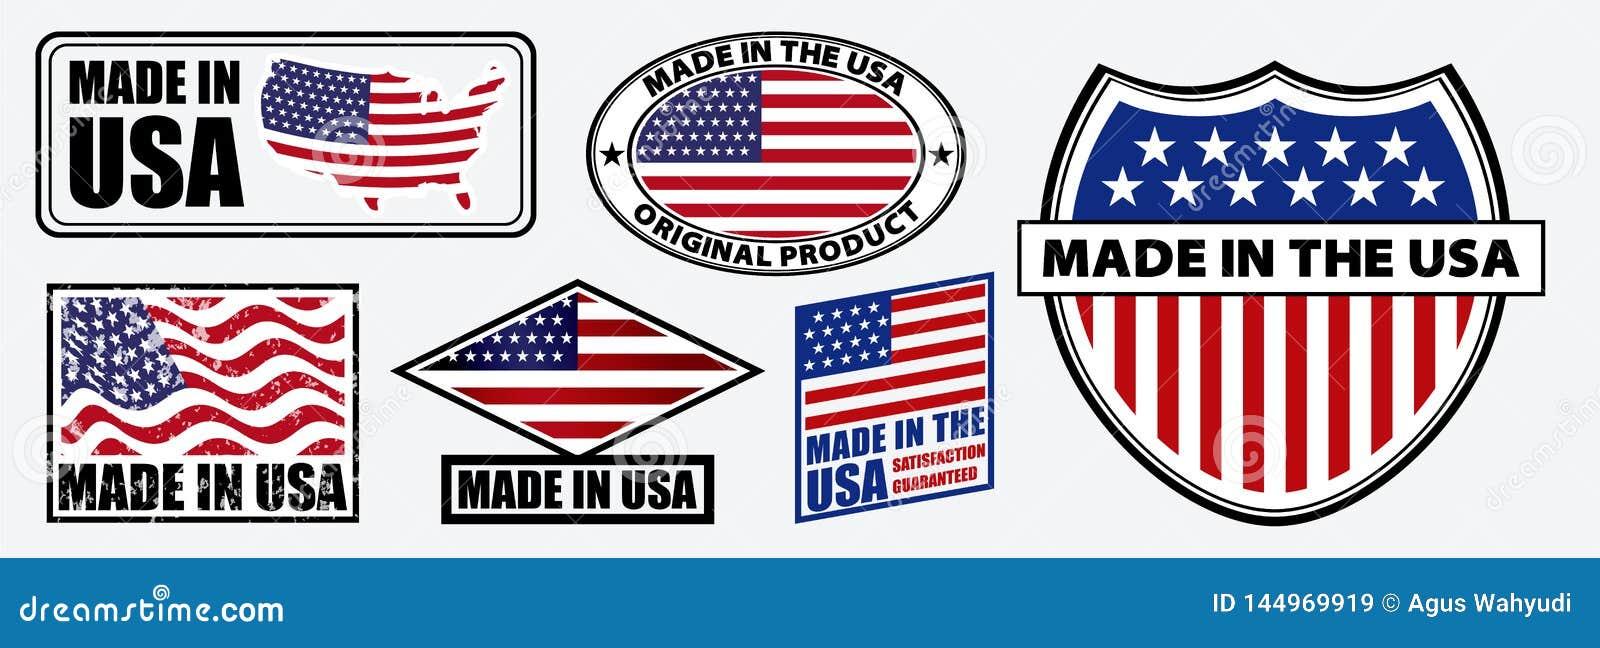 Fijado de hecho en los E.E.U.U. etiquete para los artículos al por menor del producto o de la tela